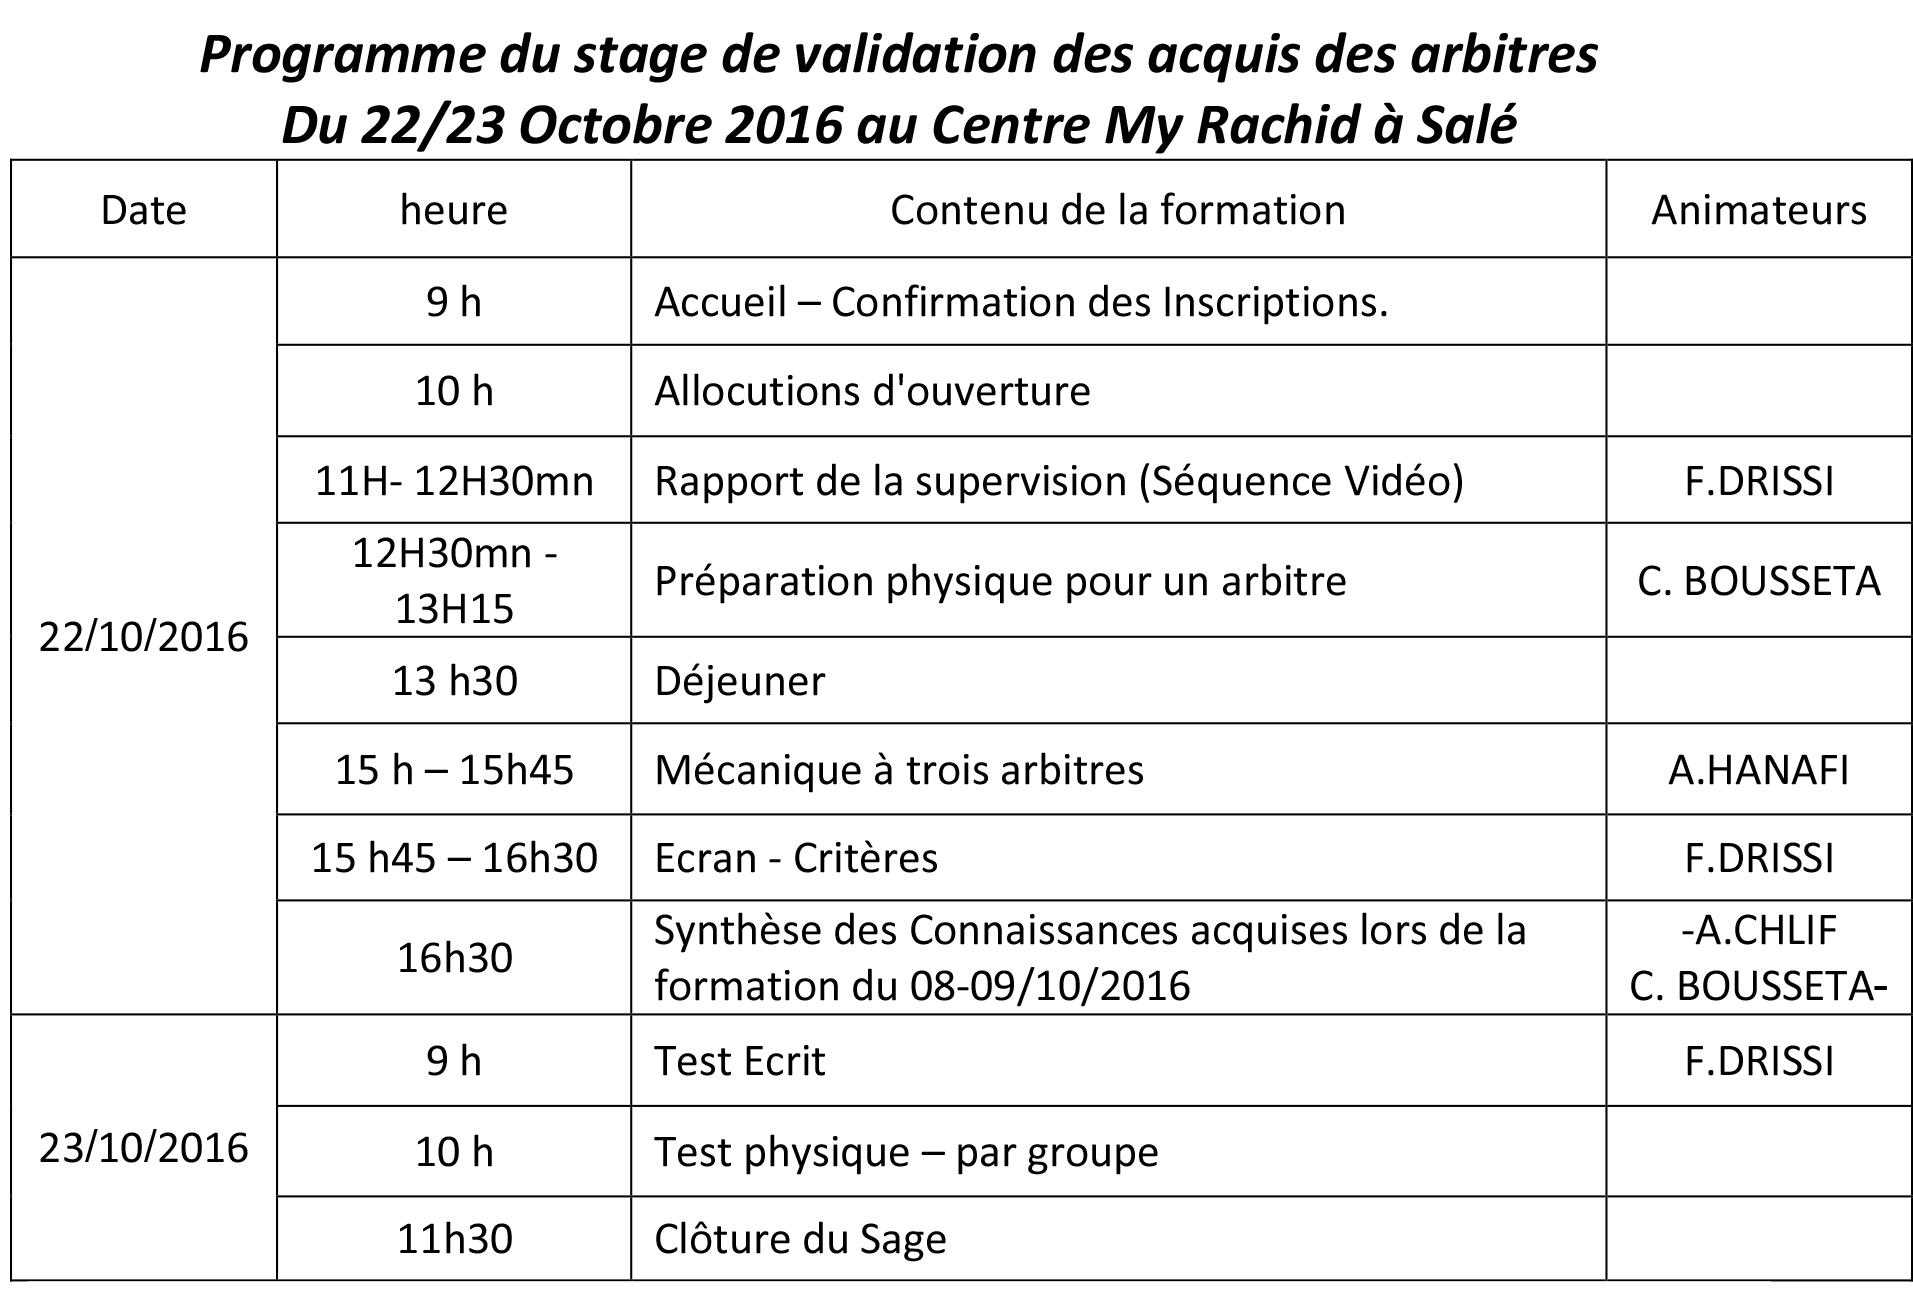 programme-du-stage-de-validation-des-acquis-des-arbitres-du-22-23-octobre-2016-copy